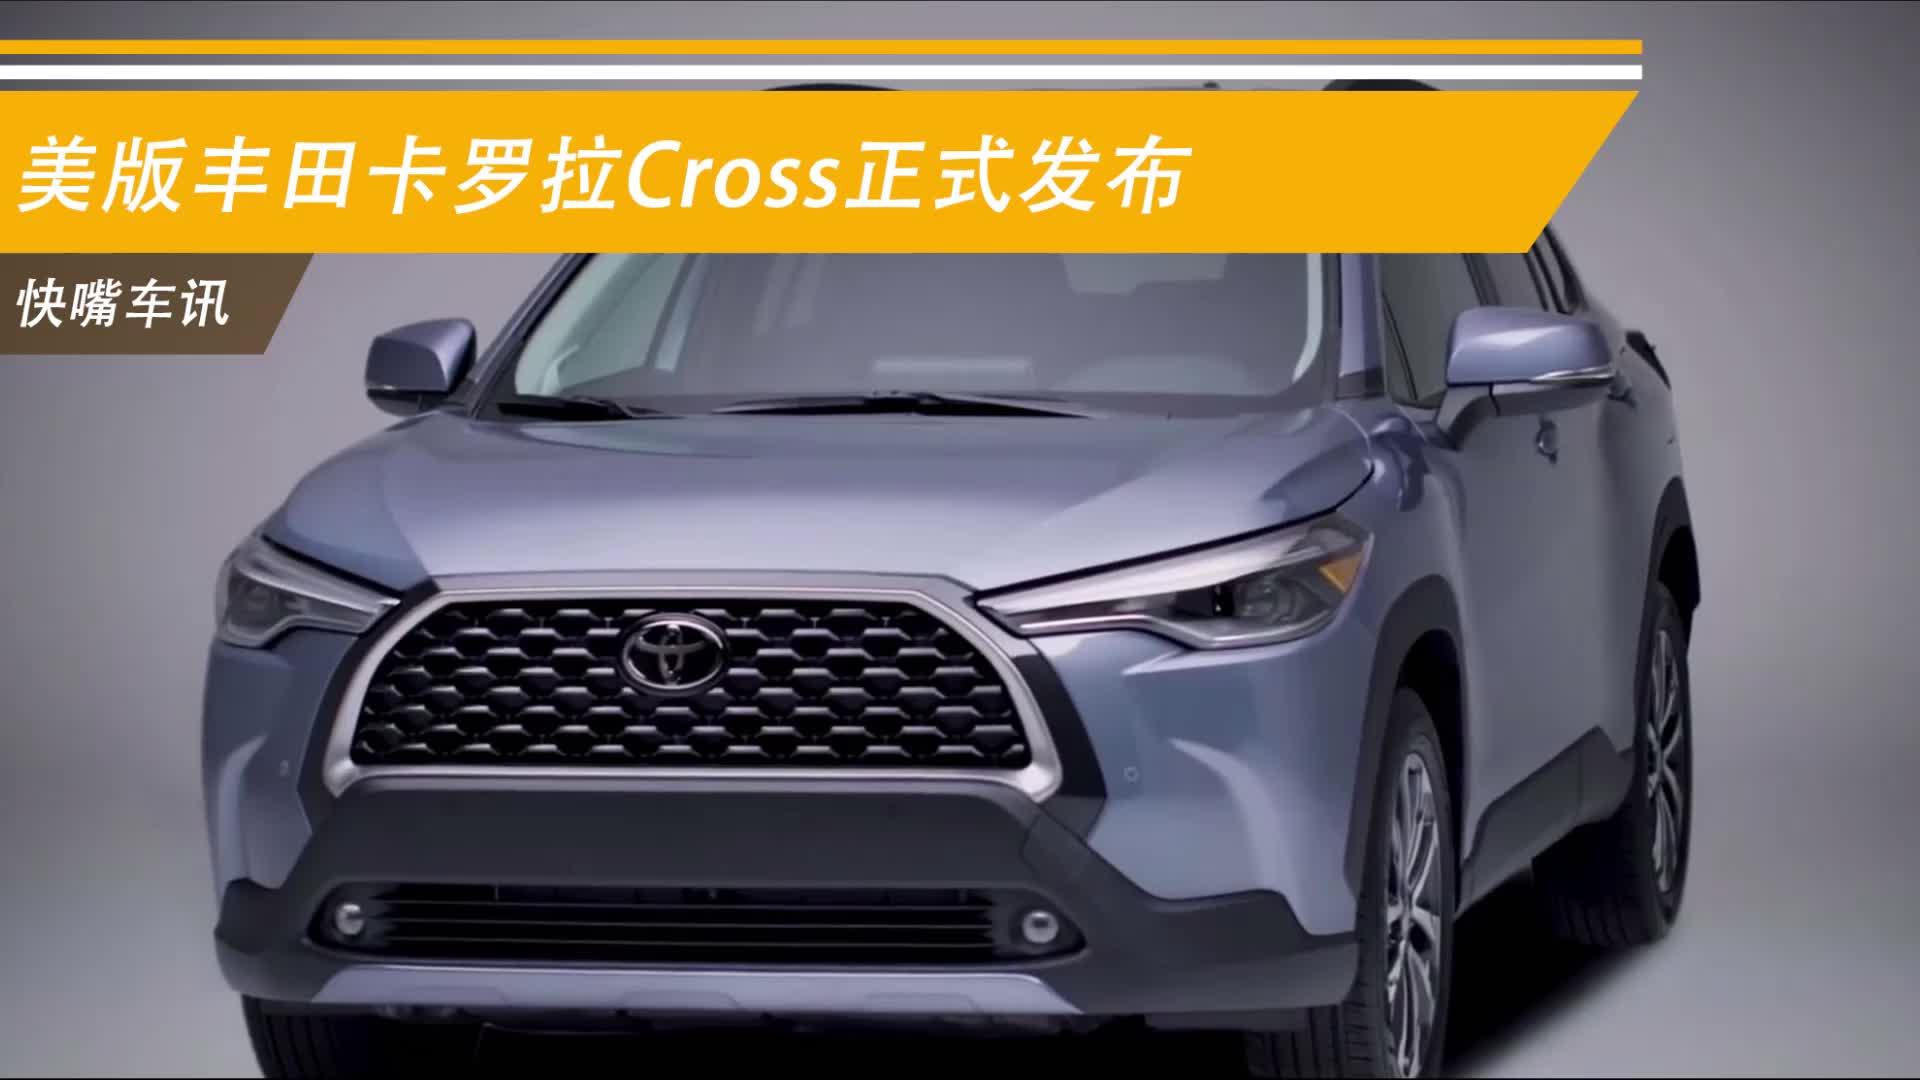 视频:美版丰田卡罗拉Cross正式发布 将于明年引入国产